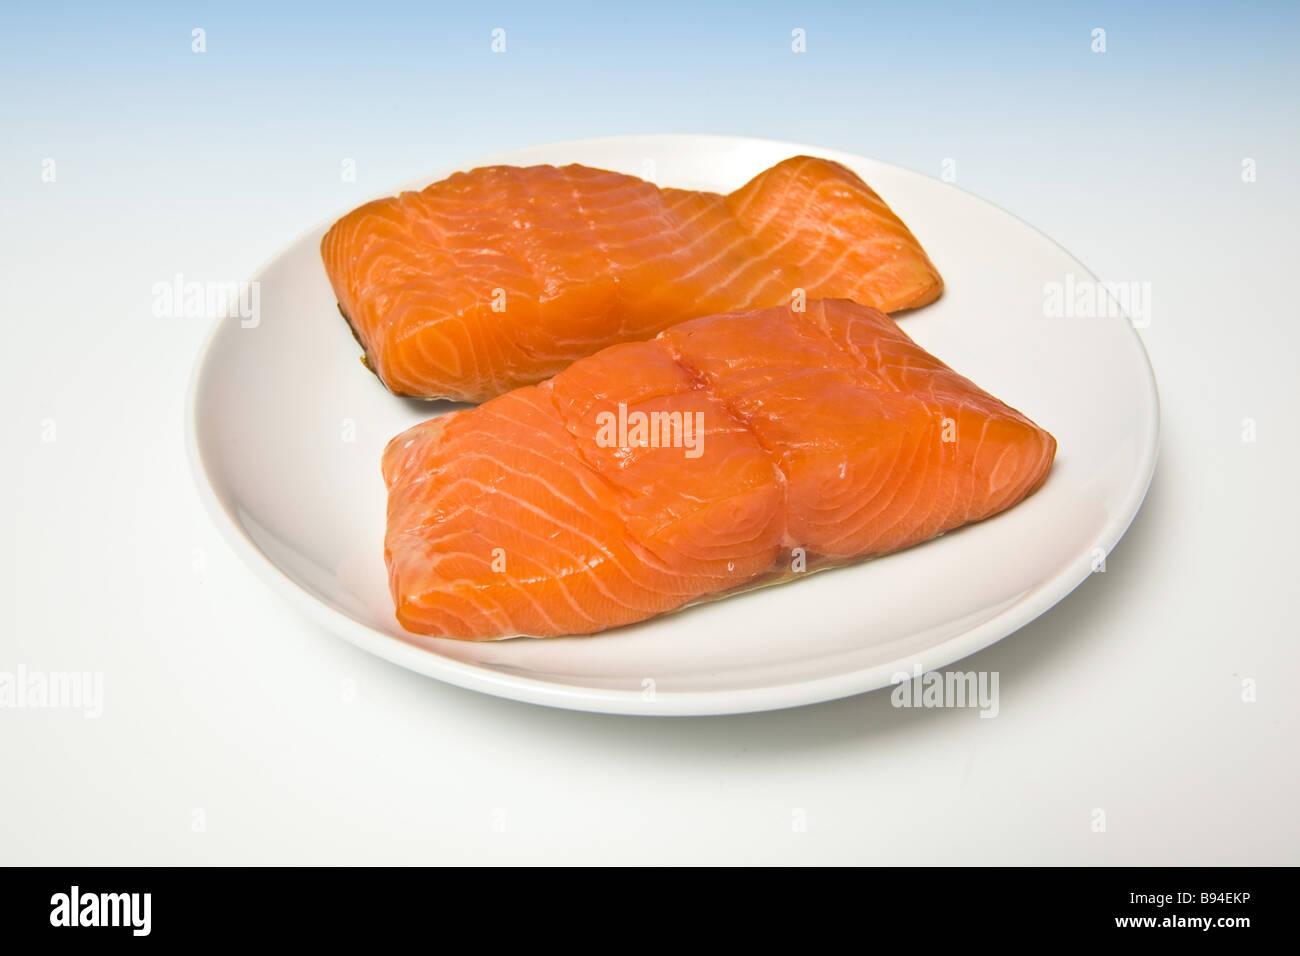 Smoked salmon pieces - Stock Image